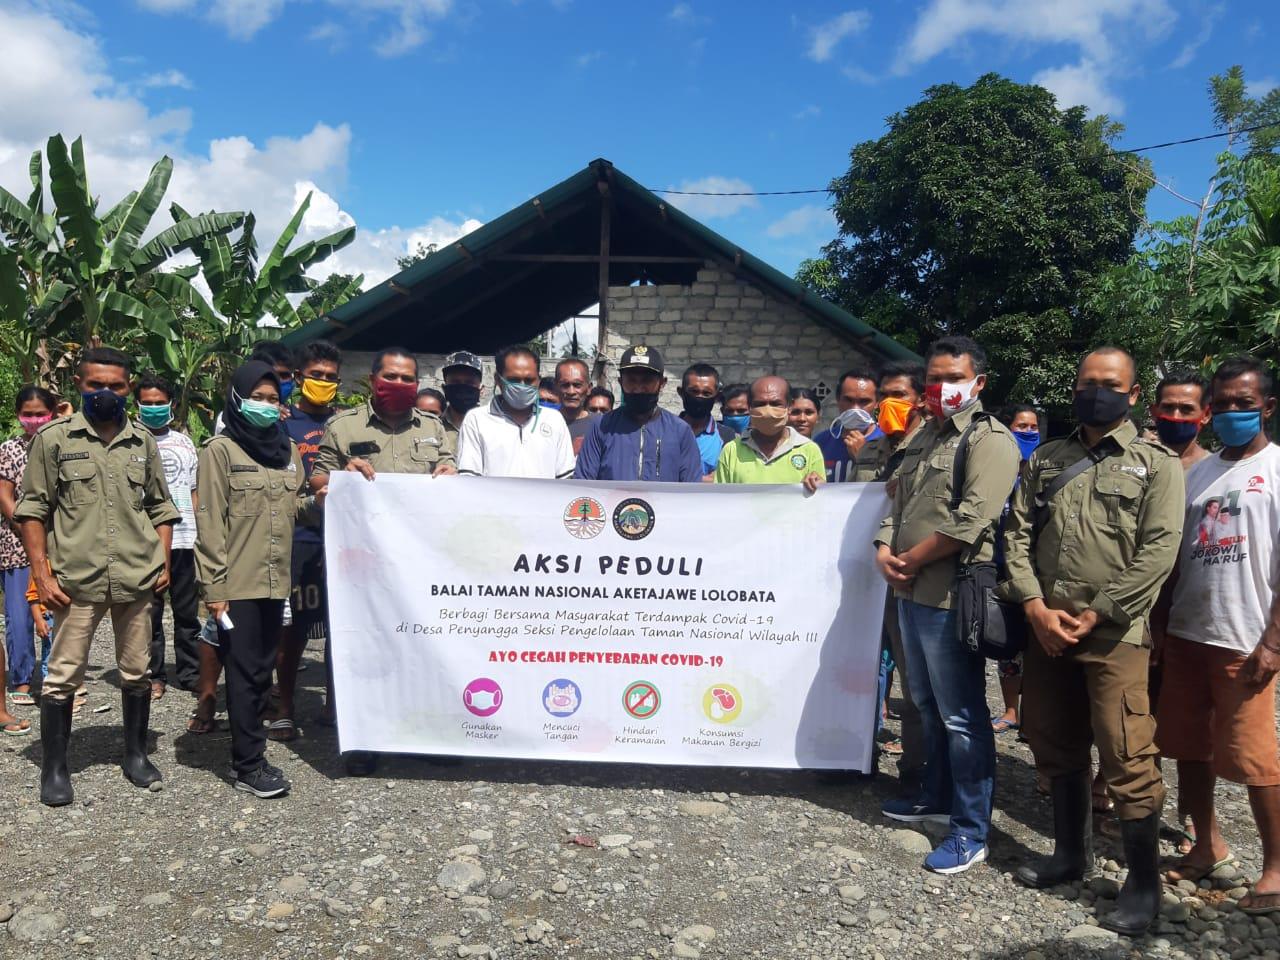 Aksi Peduli Covid-19 Balai TNAL Kepada Desa Penyangga SPTN Wilayah III Subaim